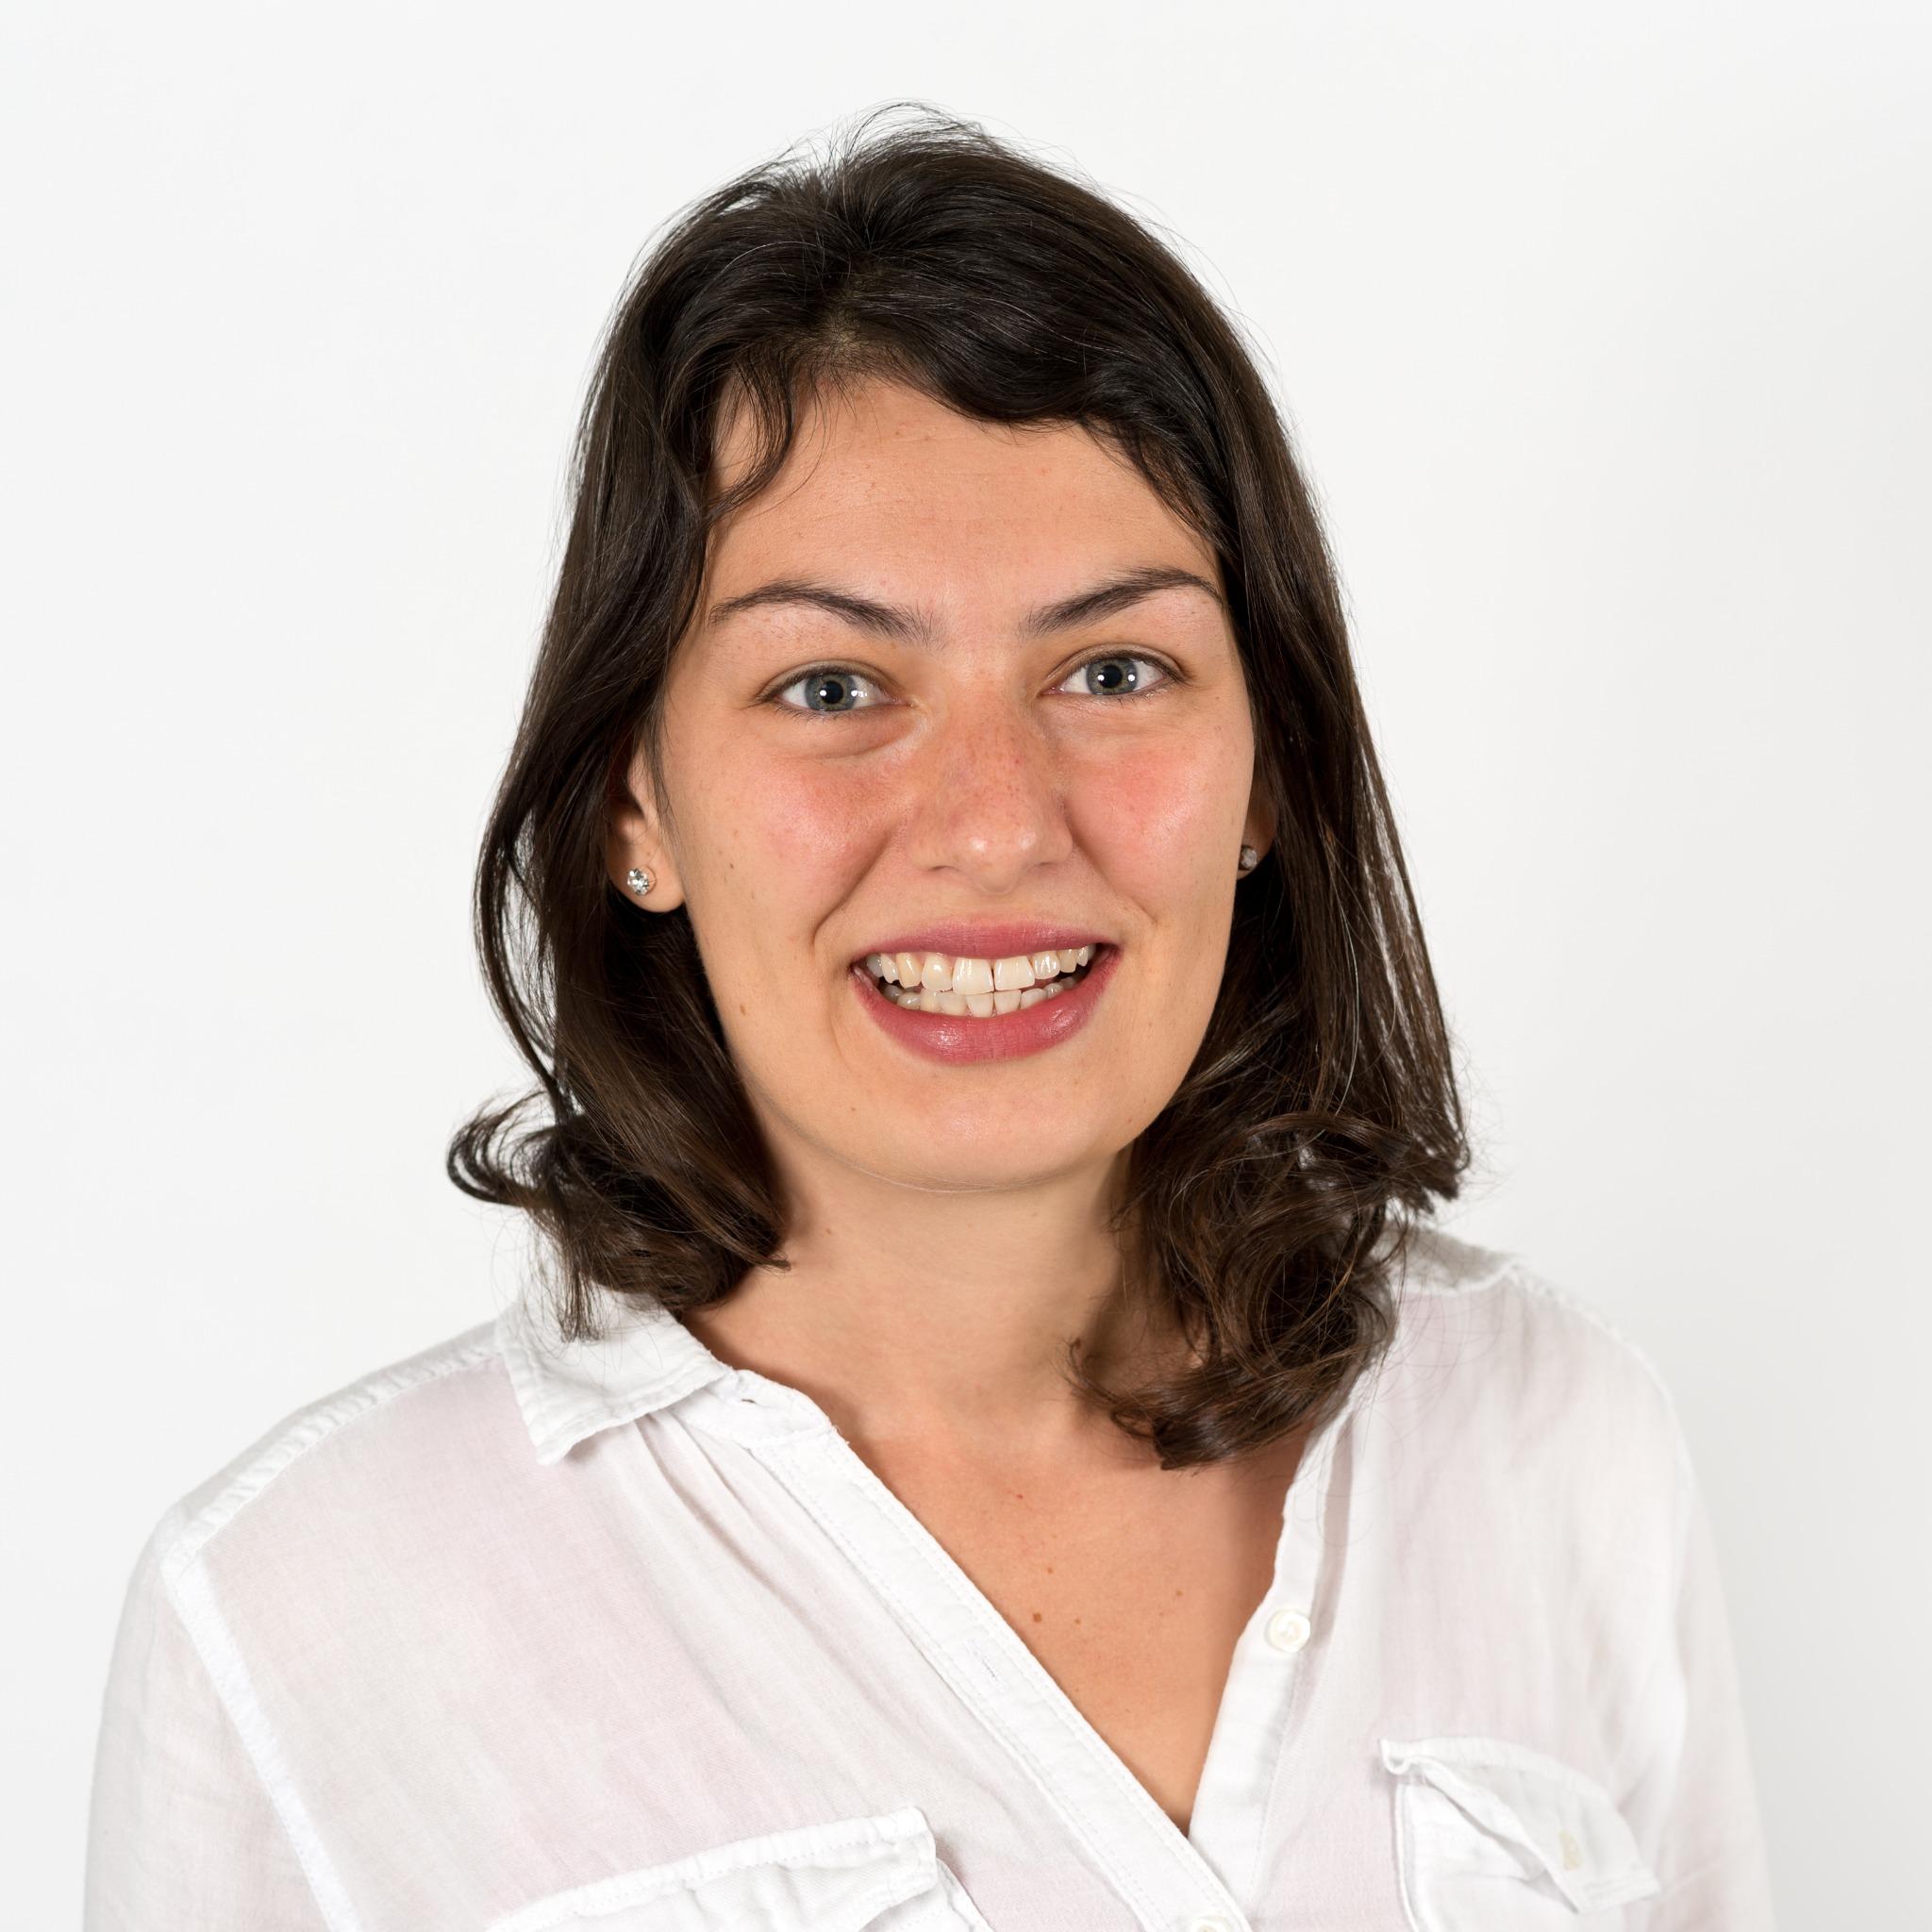 Sarah Sziede